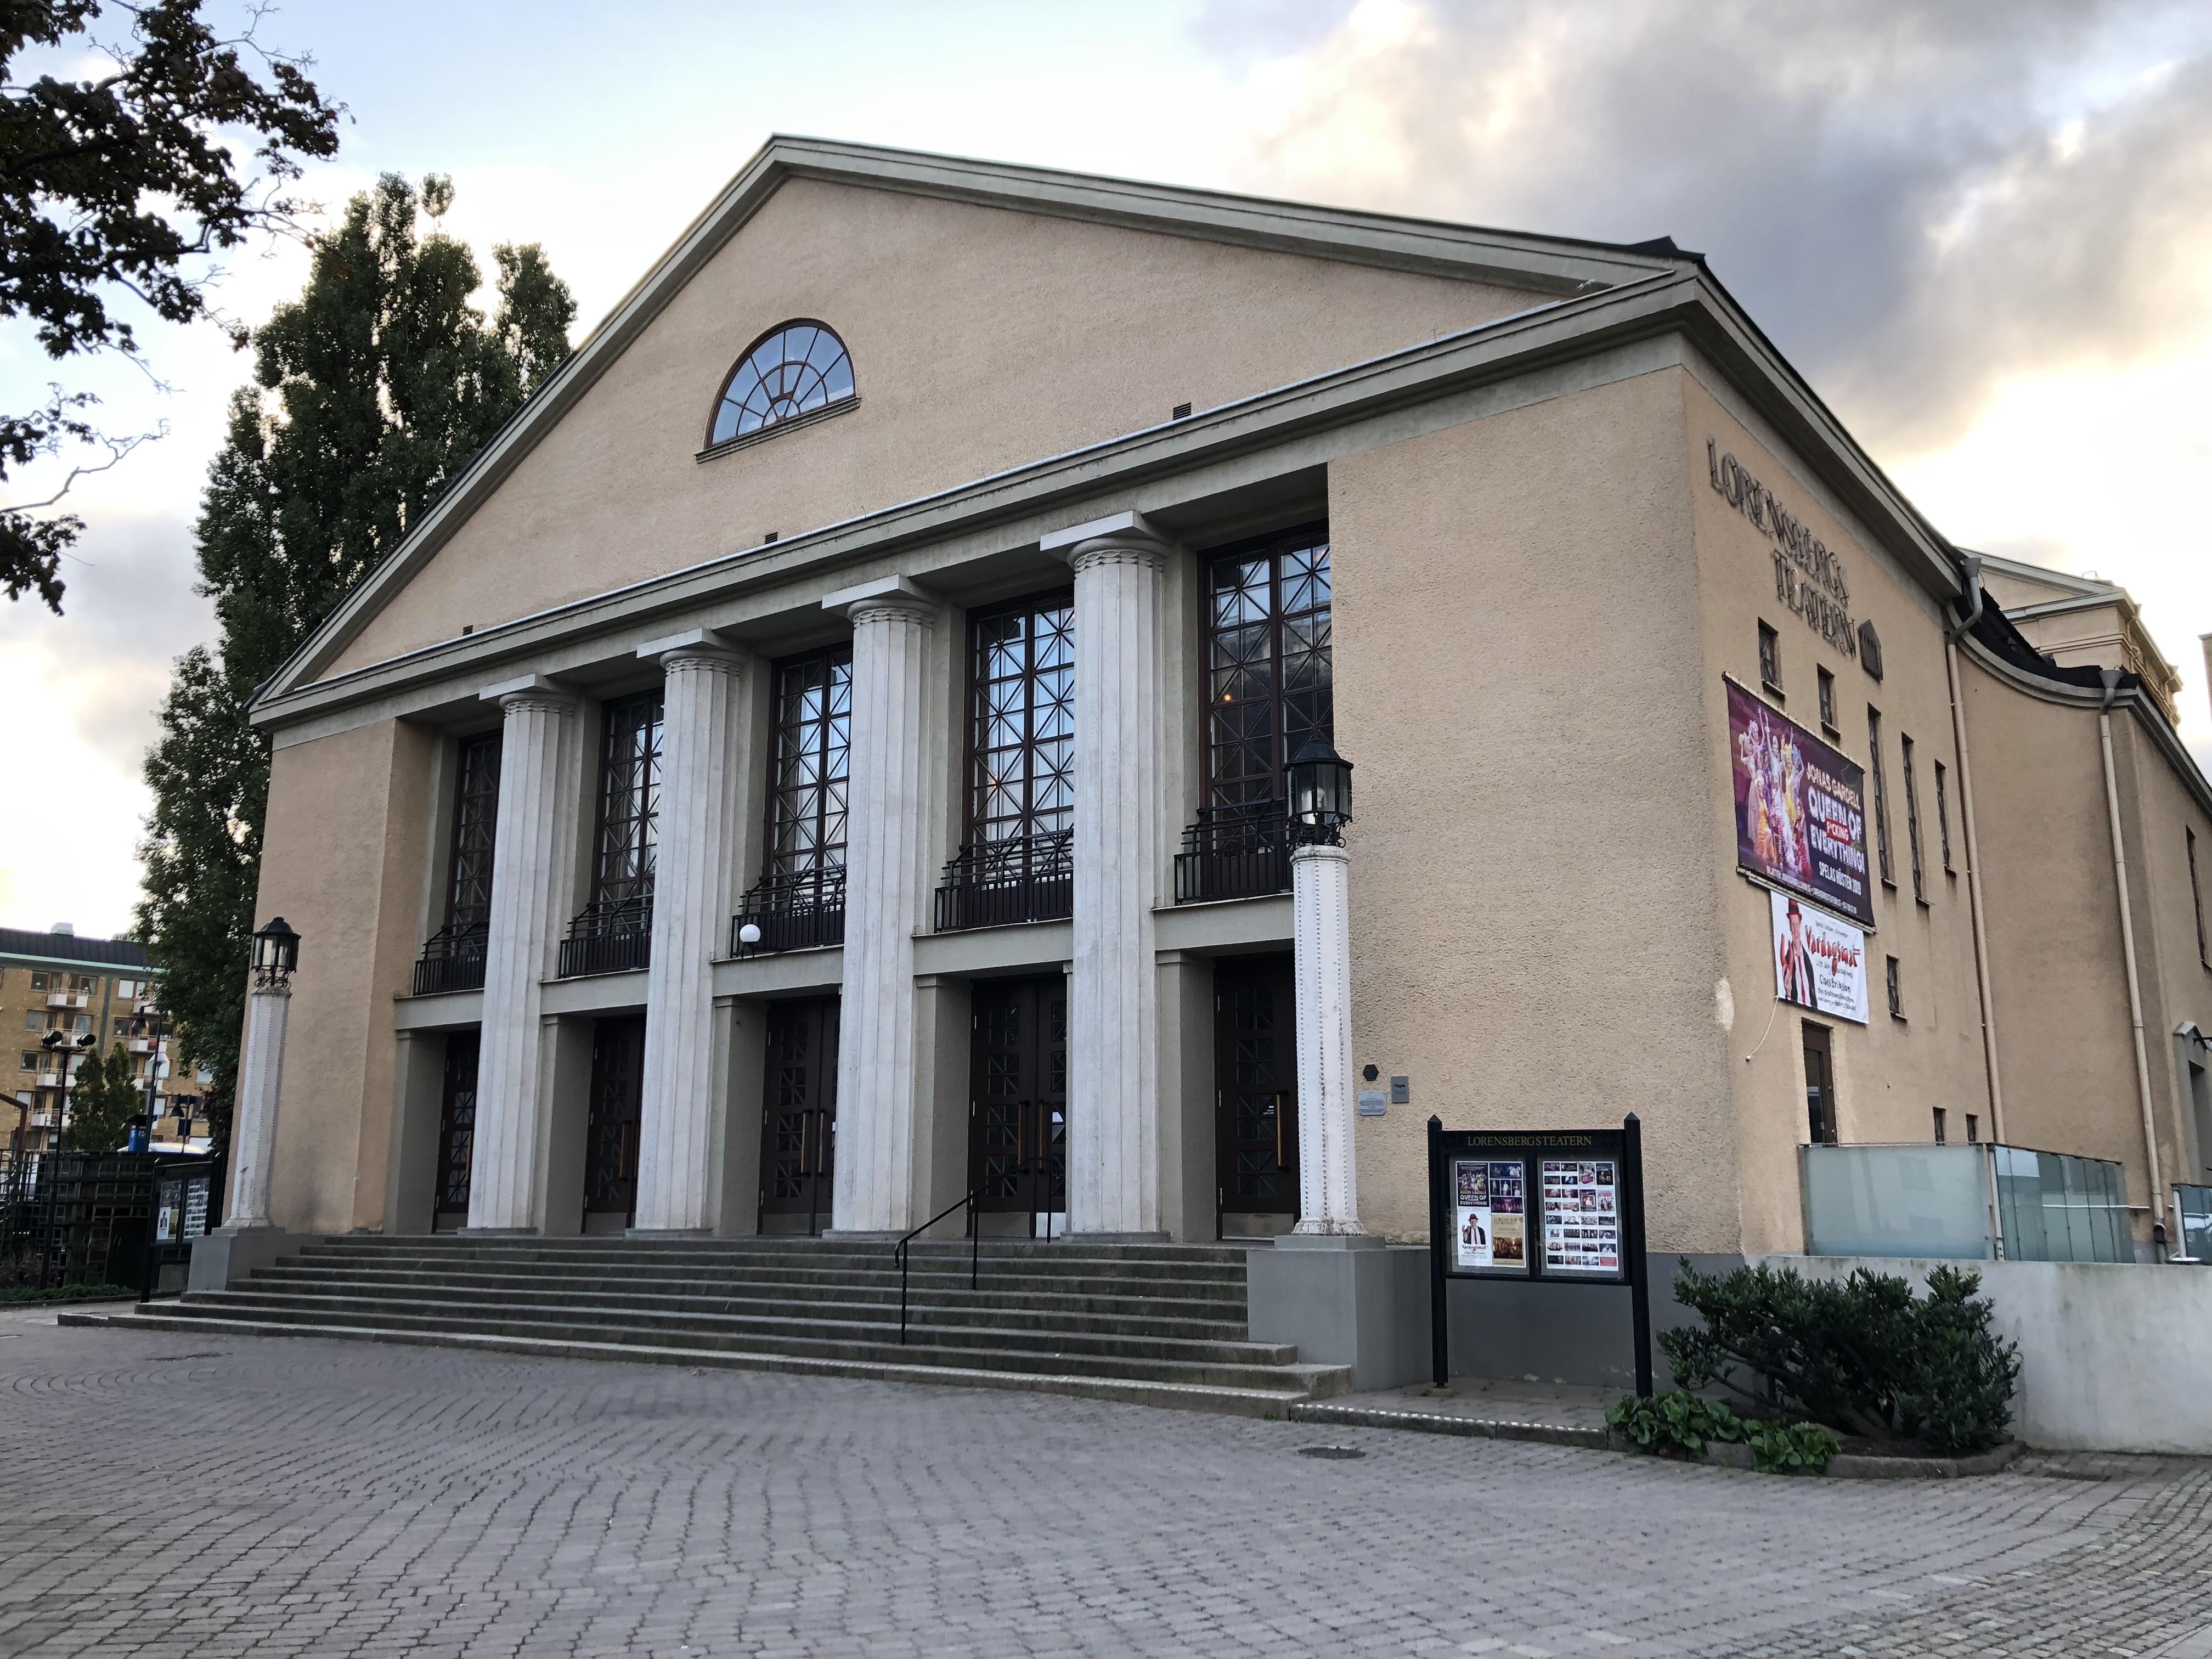 lorensbergsteatern annie